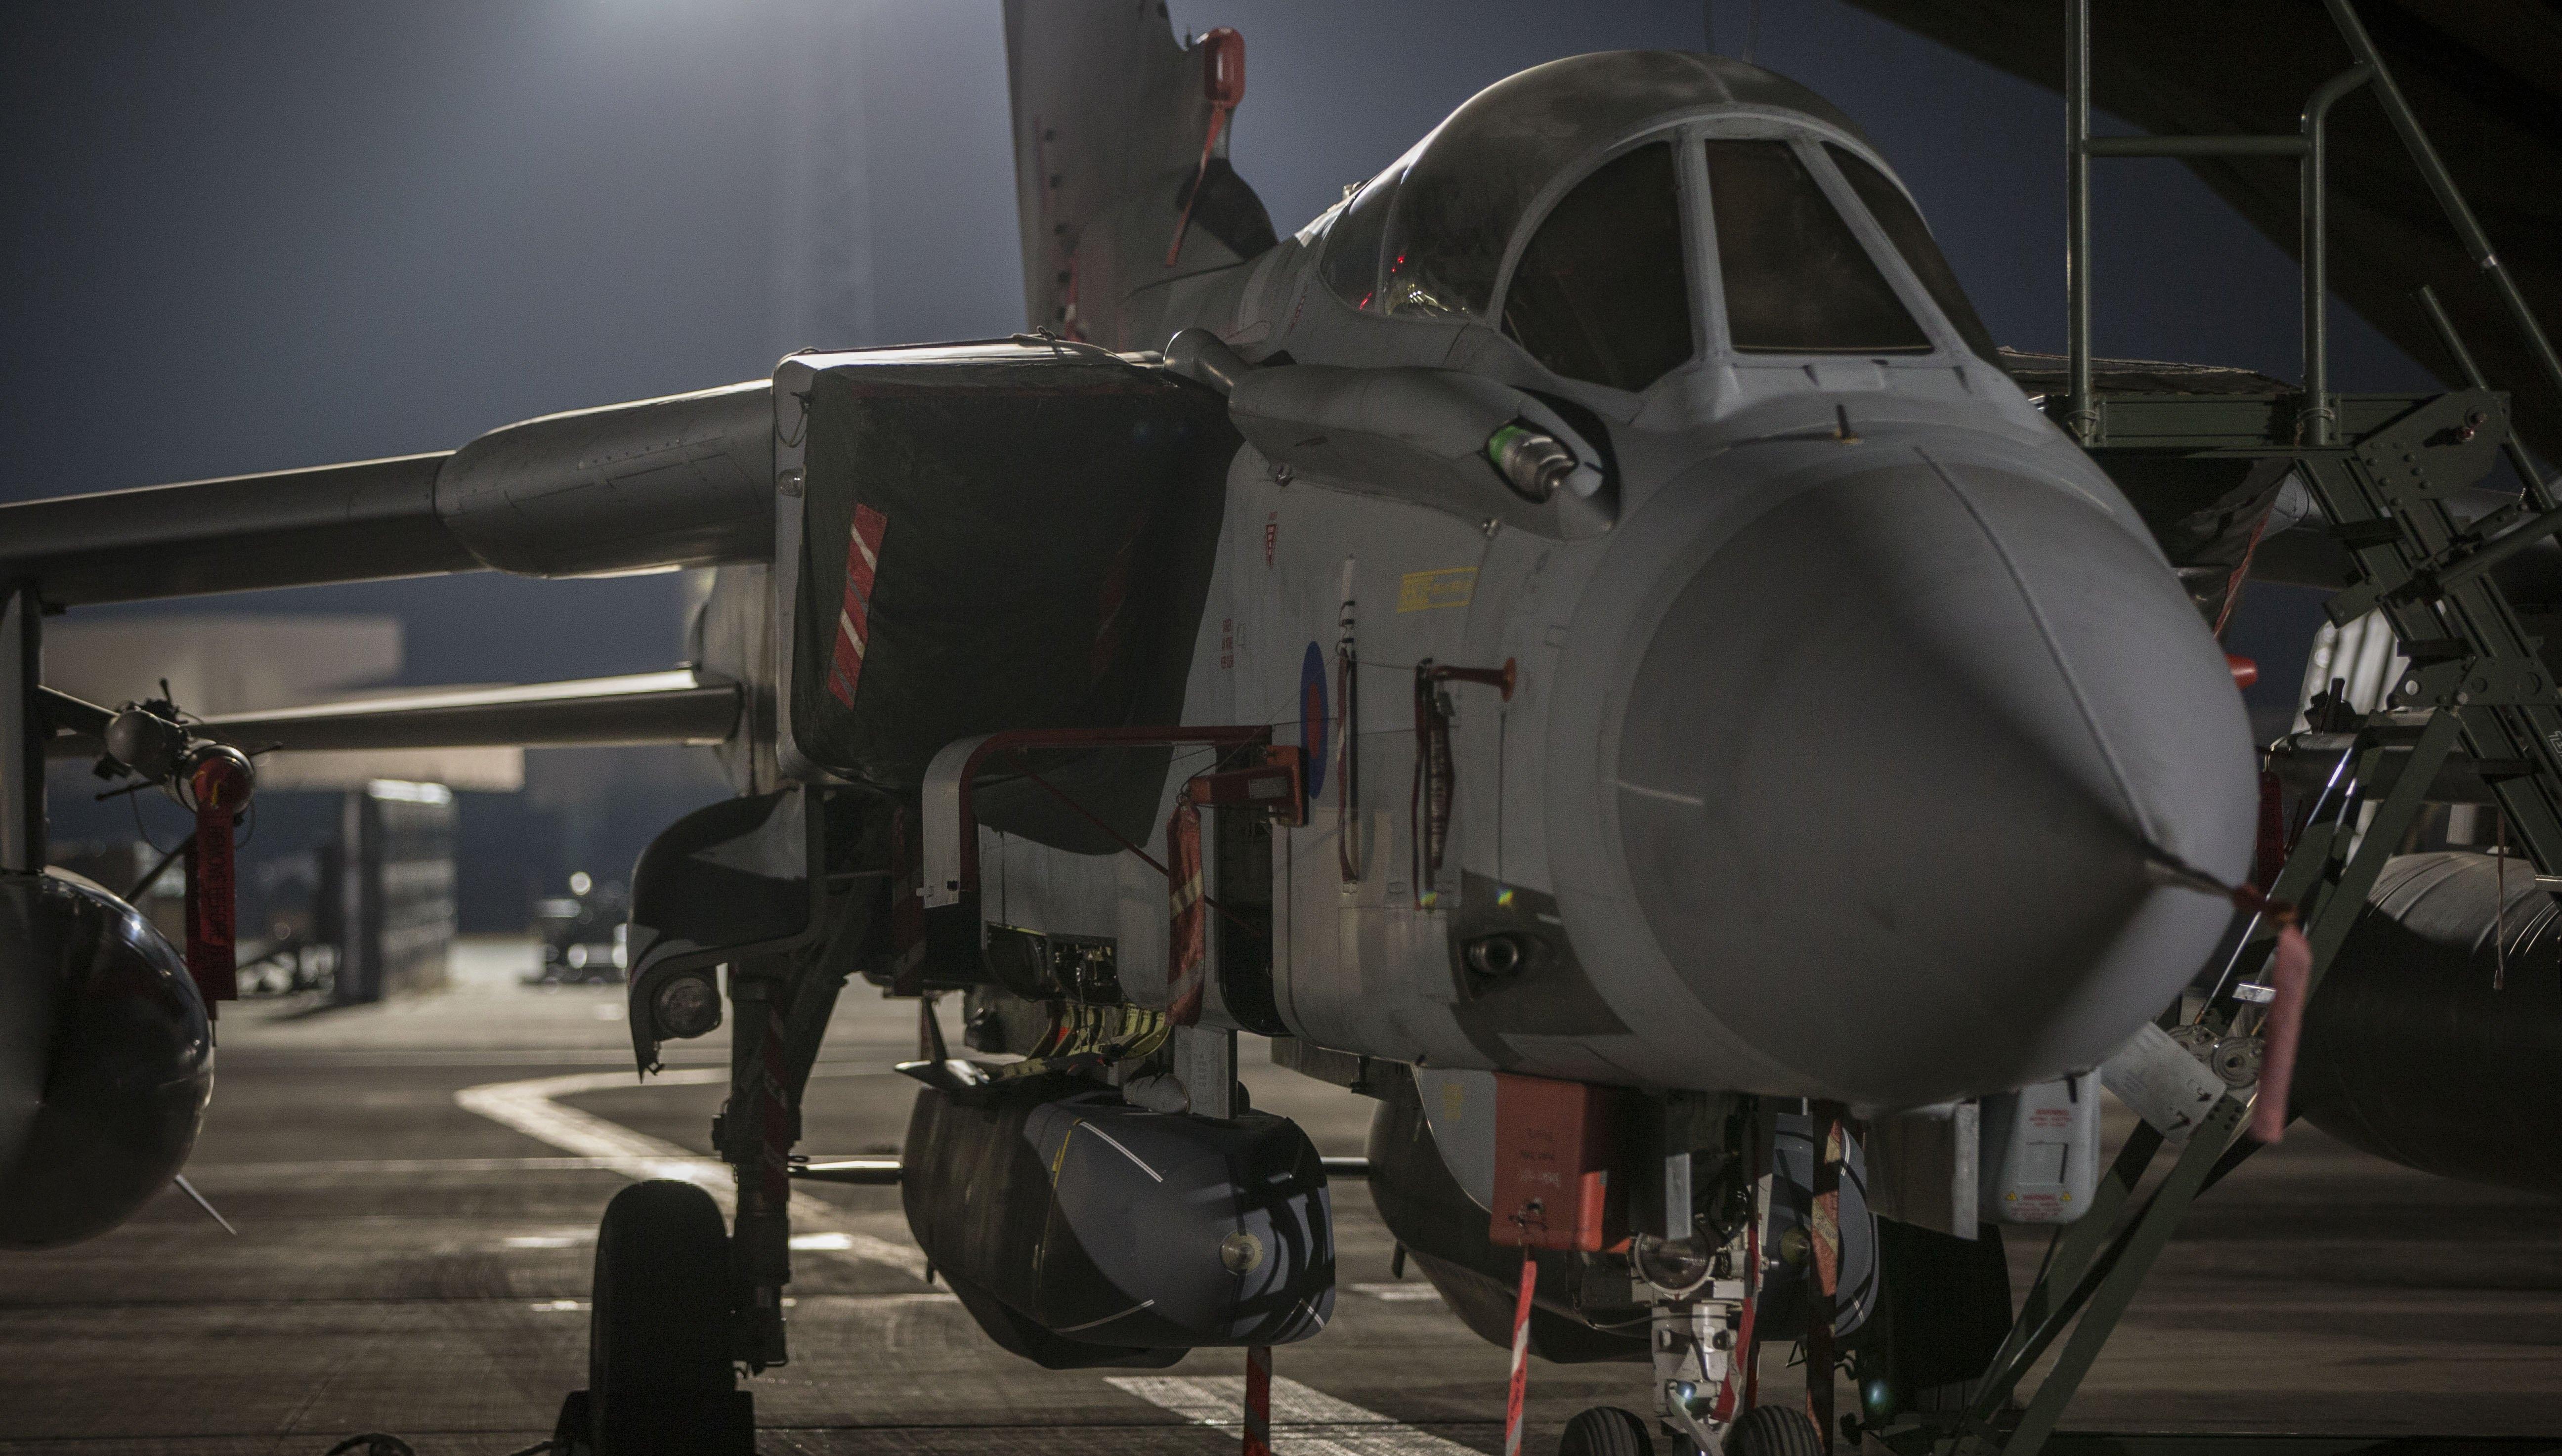 САЩ, съвместно с Великобритания и Франция, осъществиха военна операция срещу Сирия в отговор на извършената, според тях от сирийския режим, химическа атака в град Дума на 7 април